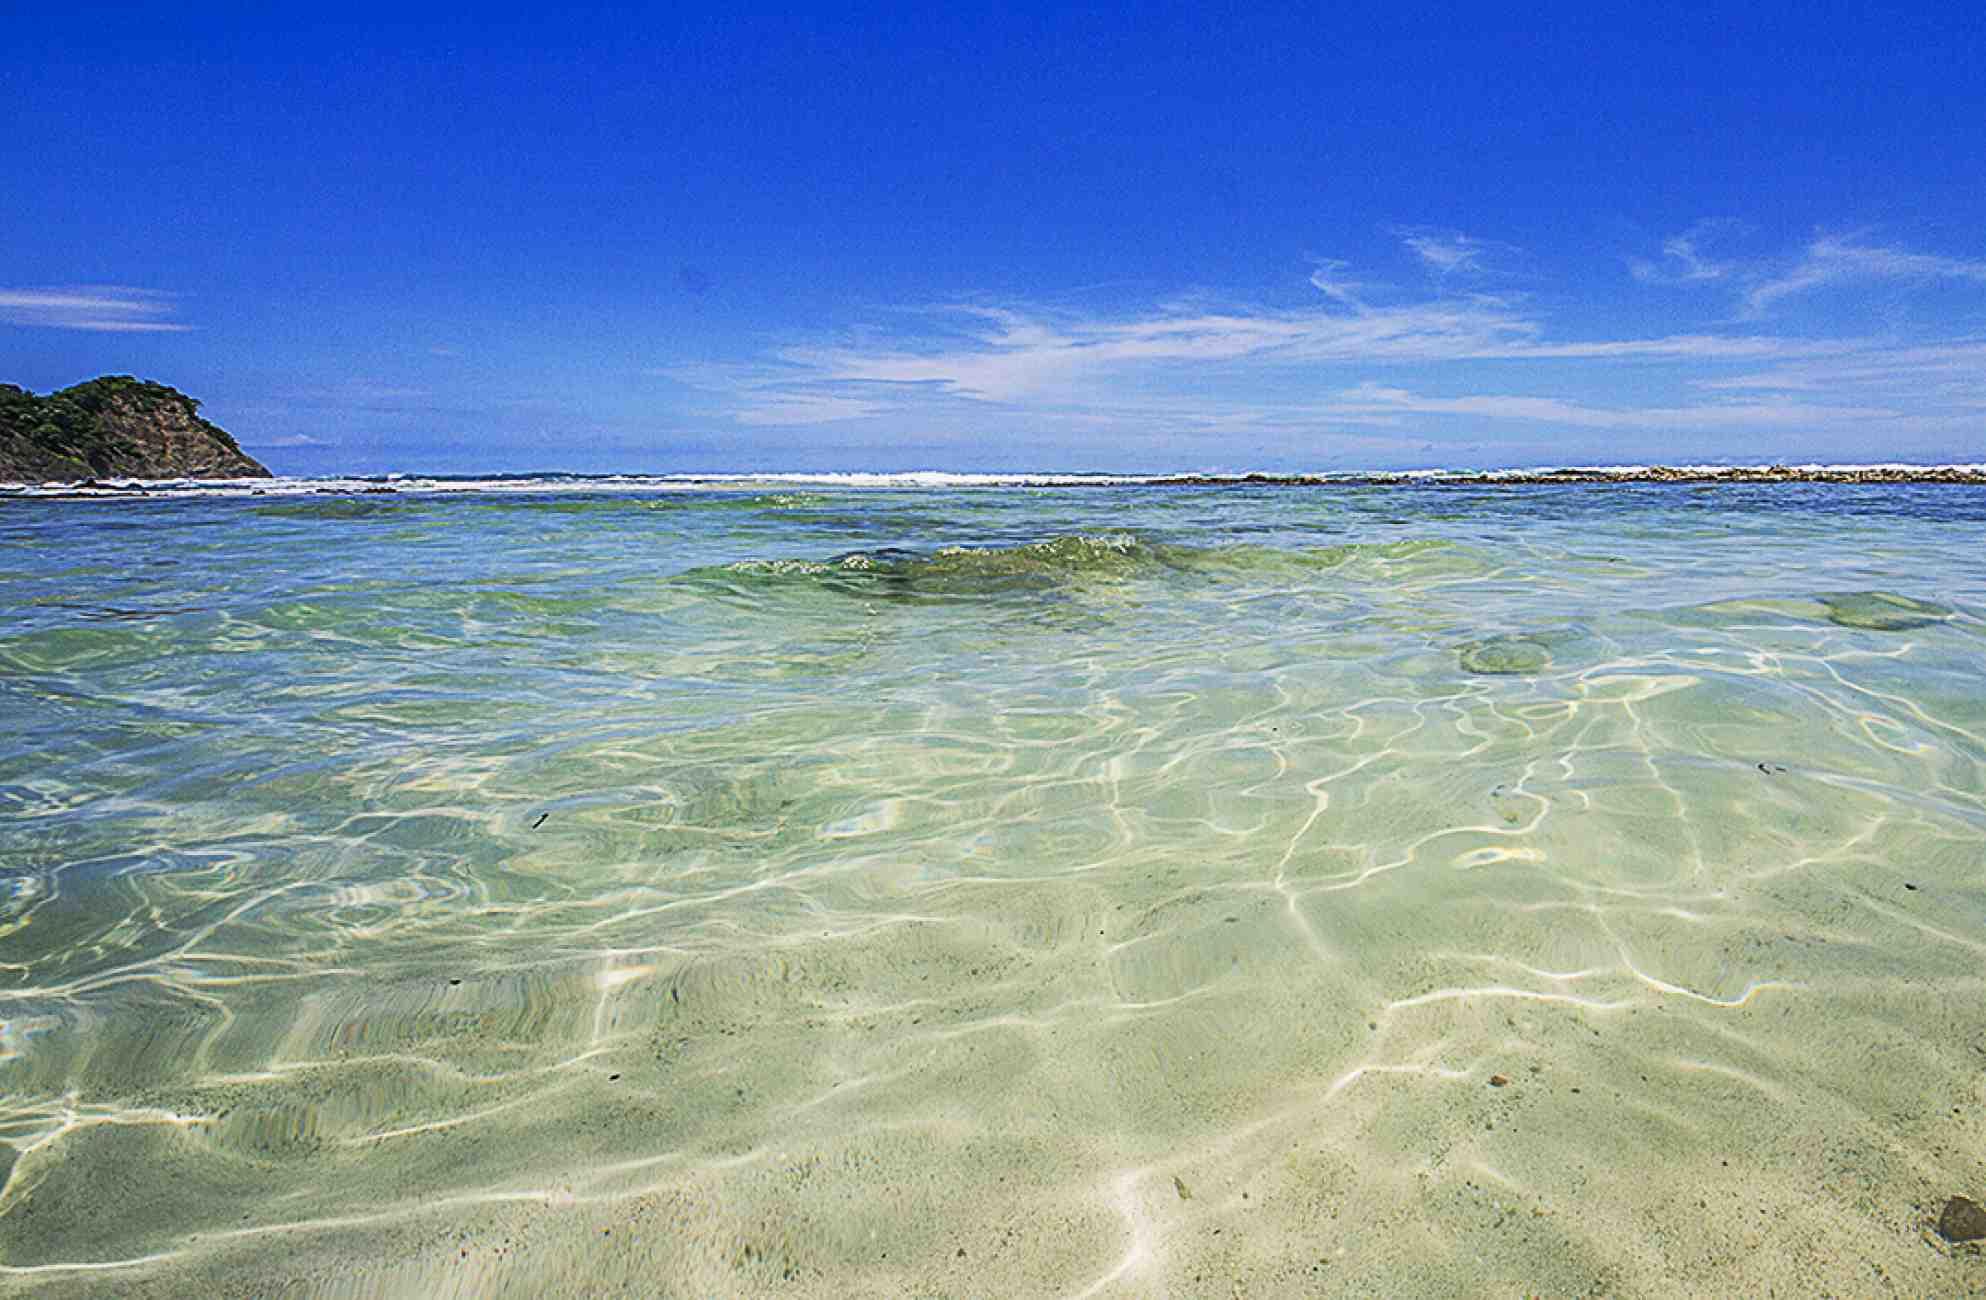 Foto tomada de: www.vozdeguanacaste.com